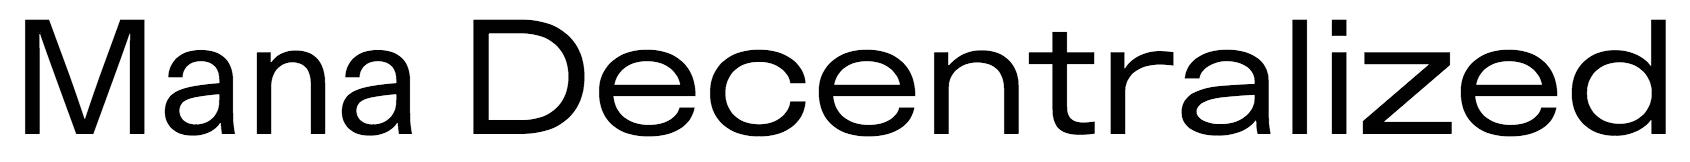 Mana Decentralized Logo